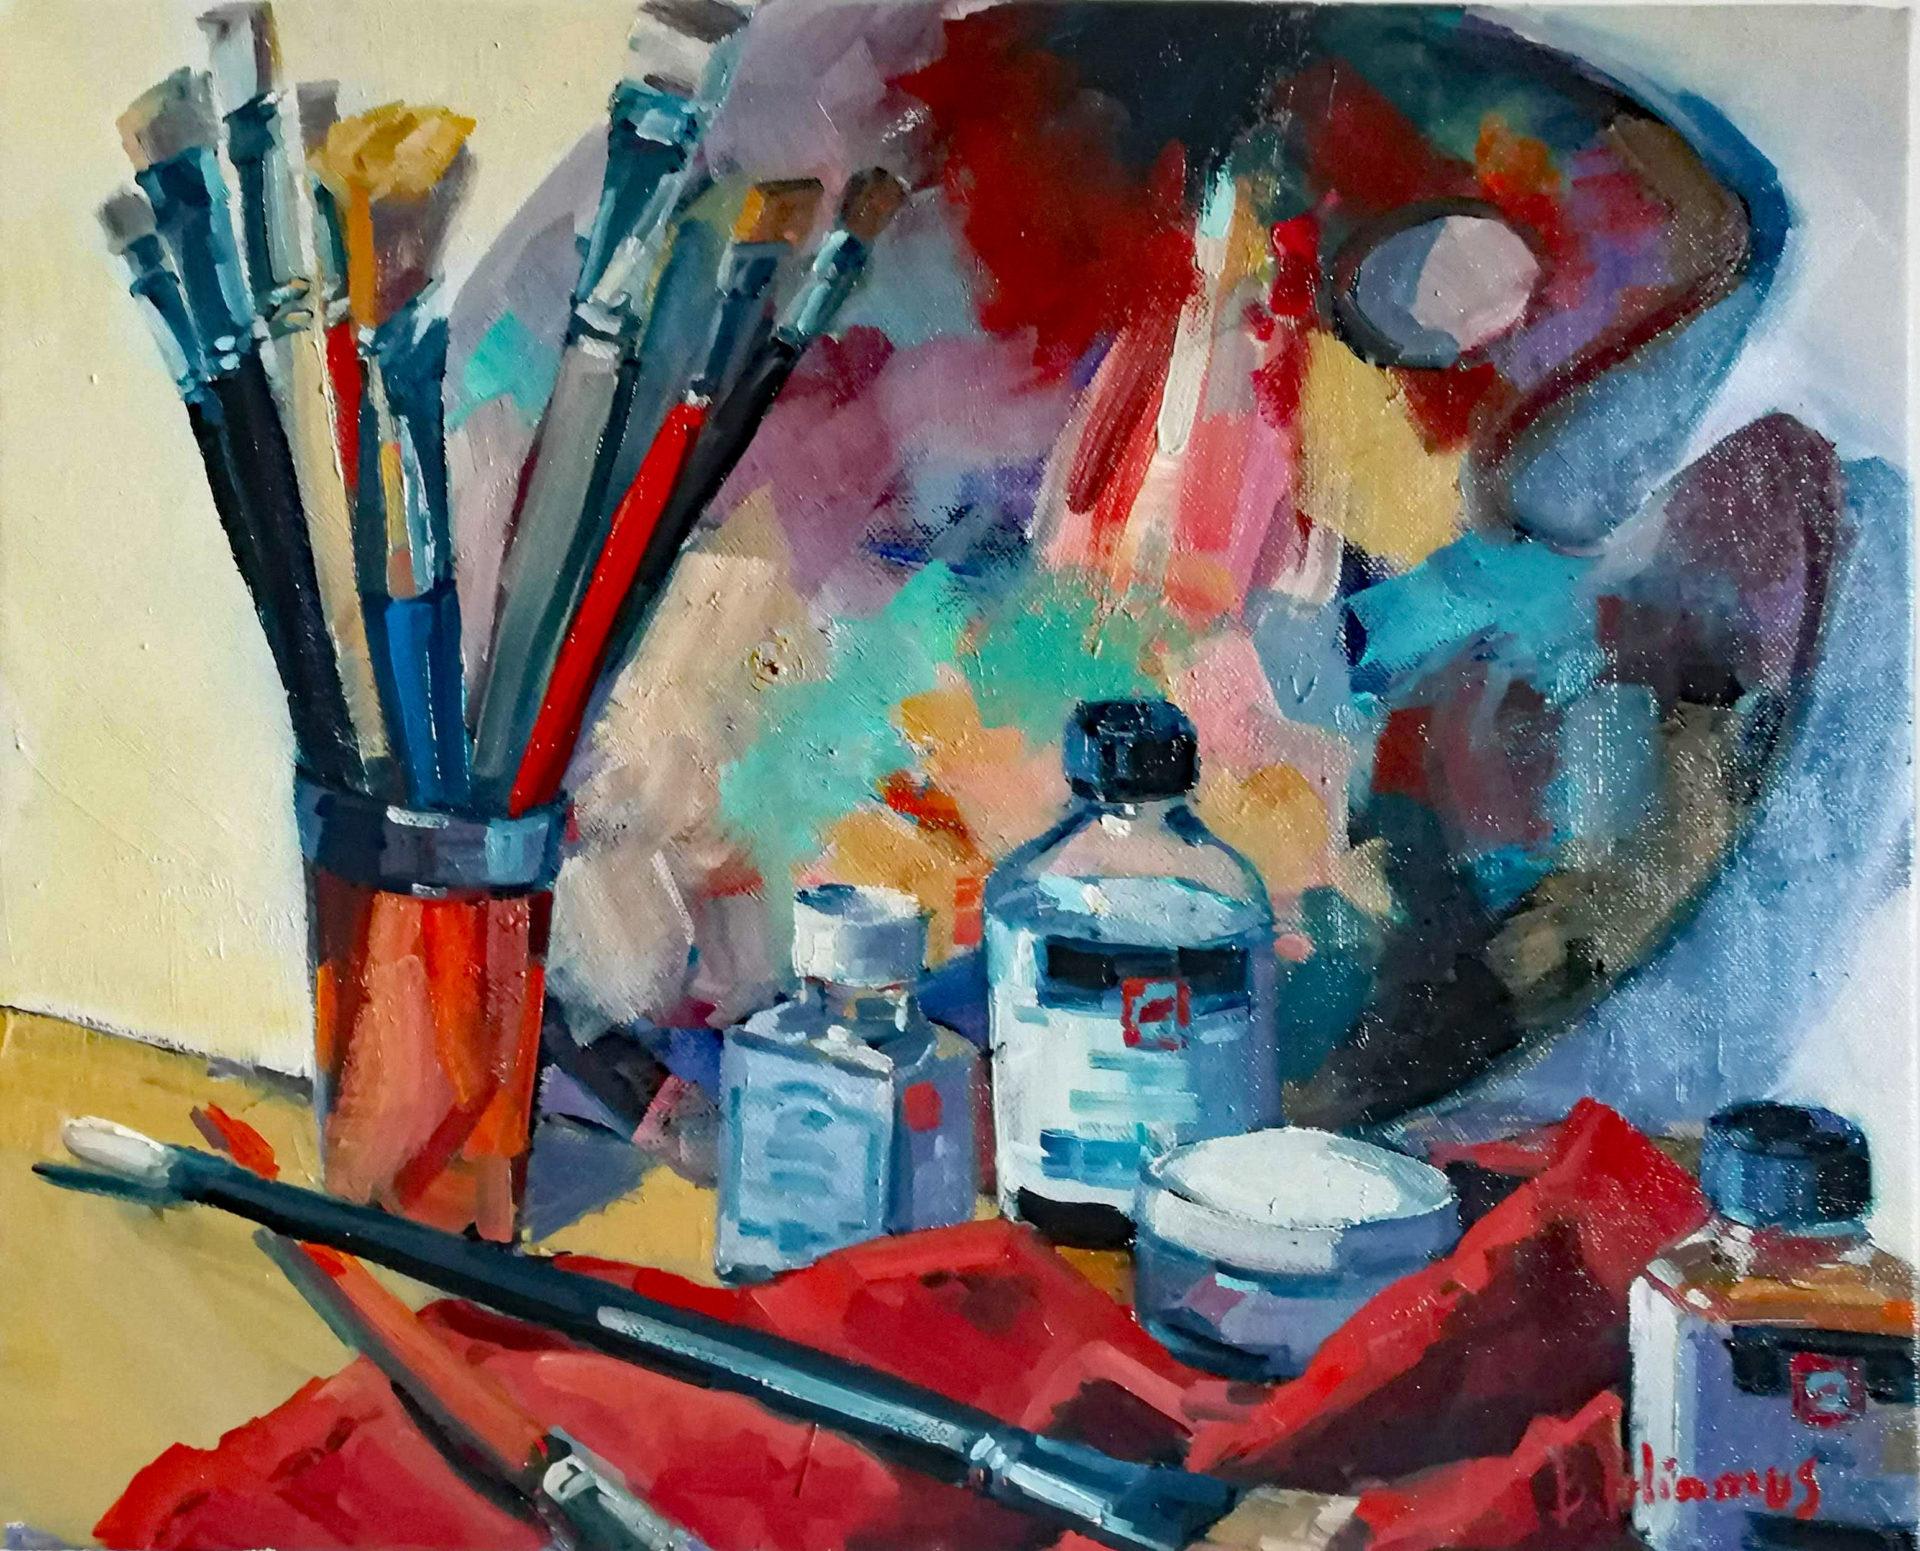 Chanson des peintres - Charles Cros Latelier-du-peintre-33x44cm